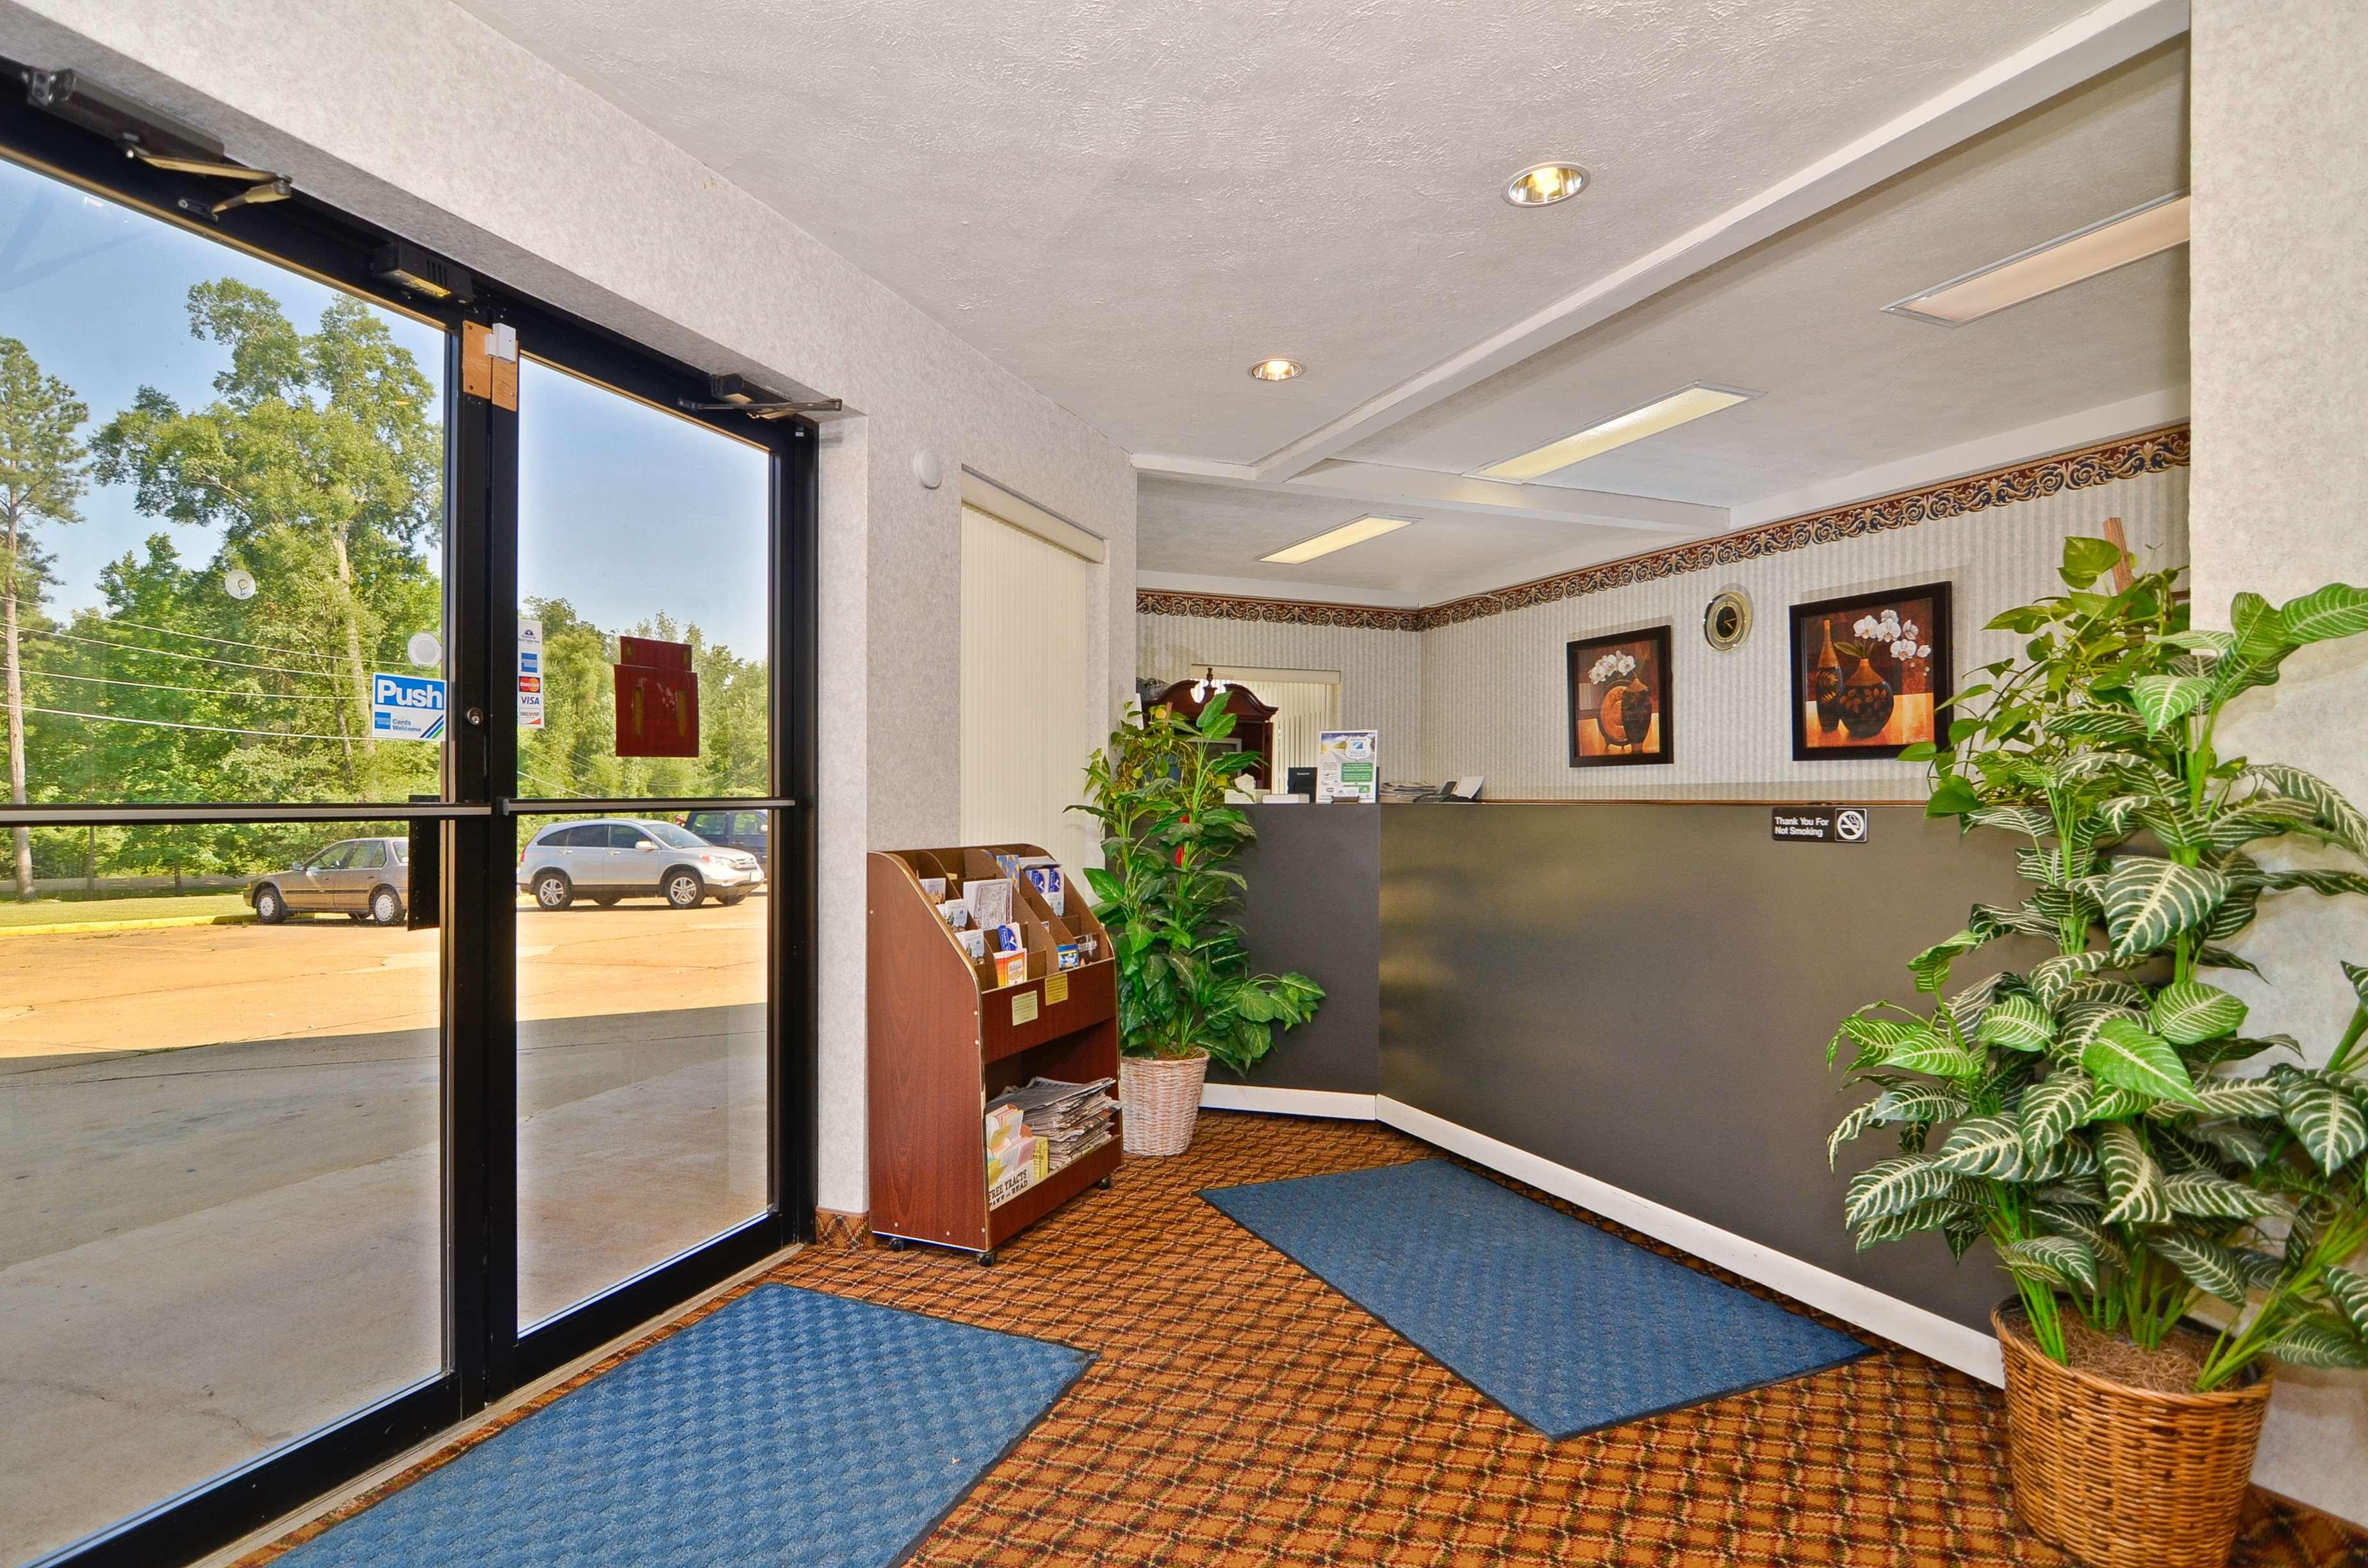 Best Hotels In Brandon Ms